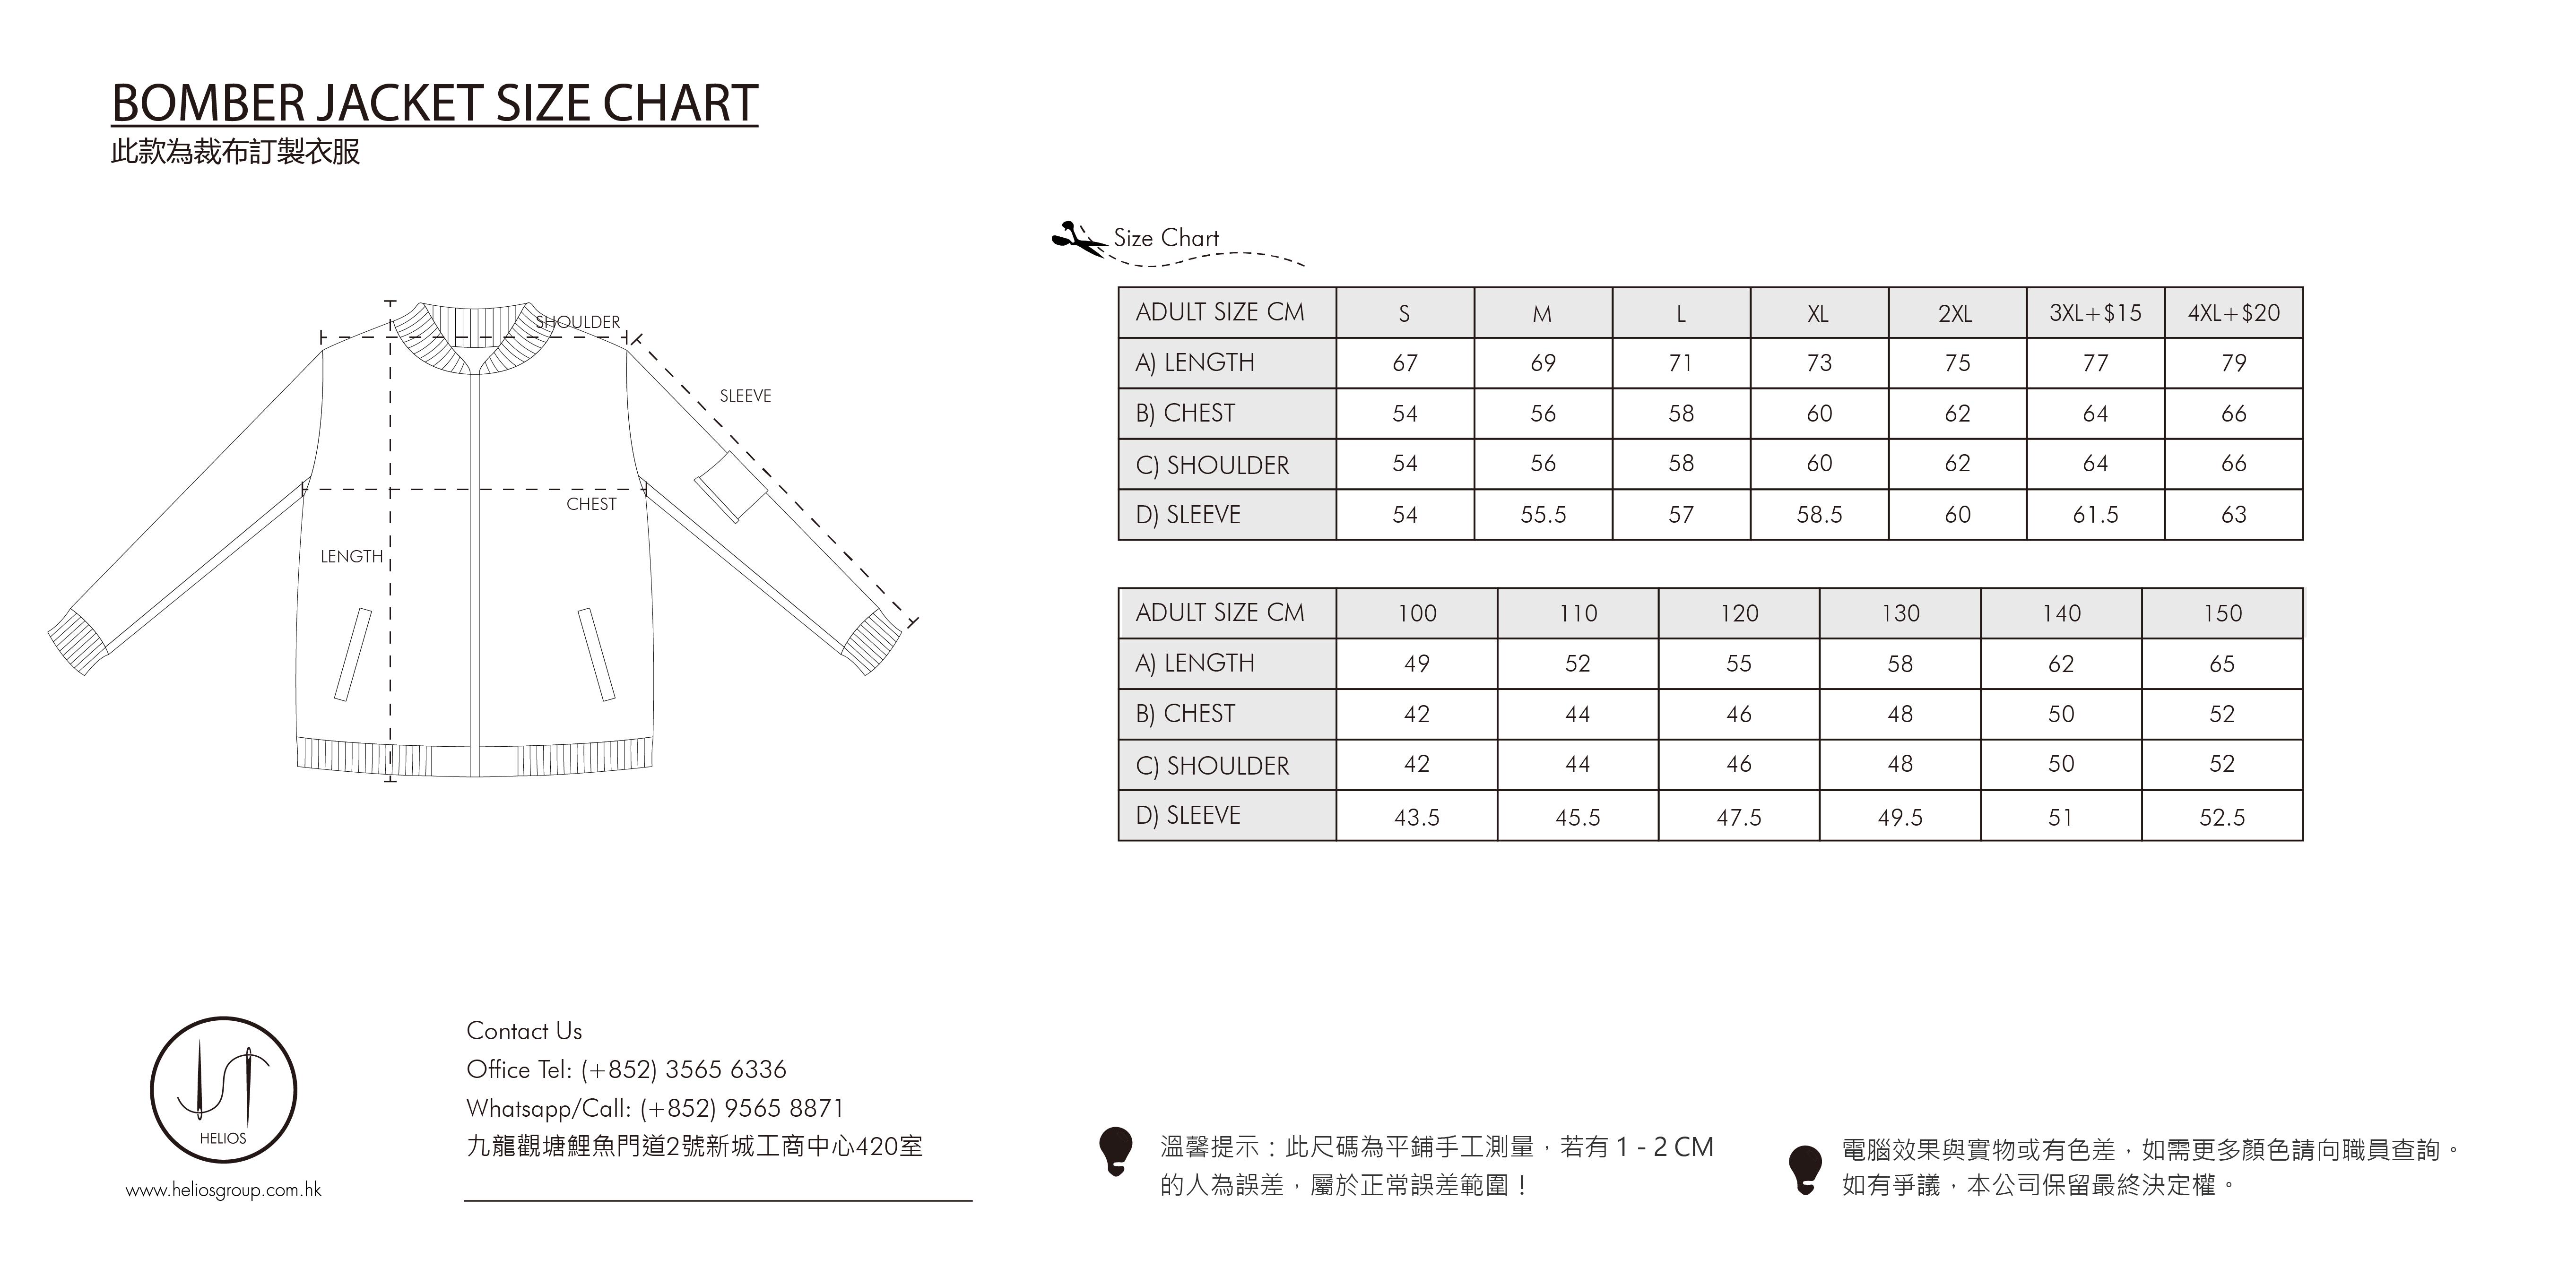 裁布製飛行夾克尺碼表